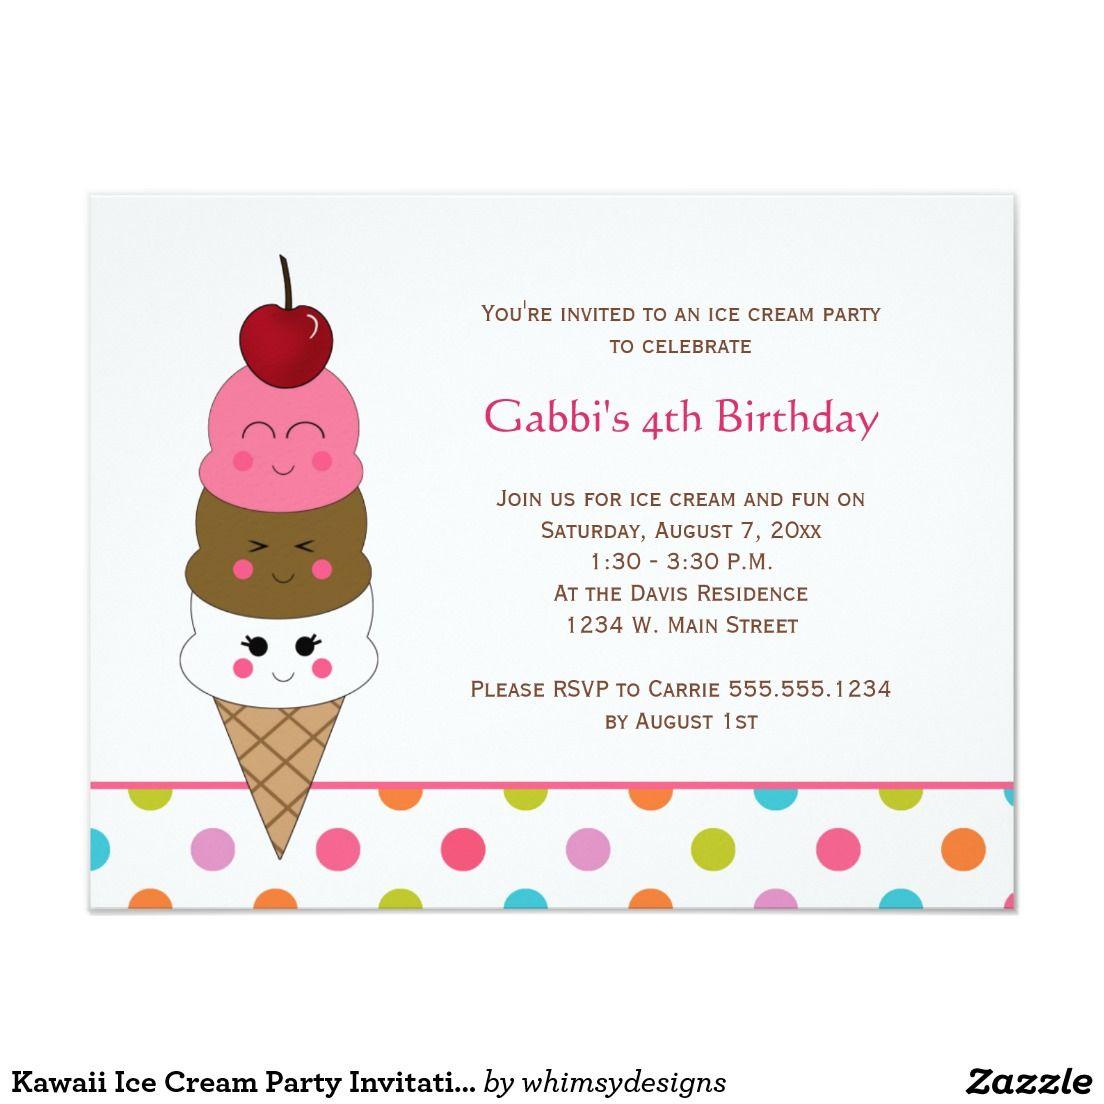 Kawaii Ice Cream Party Invitations | Party invitations